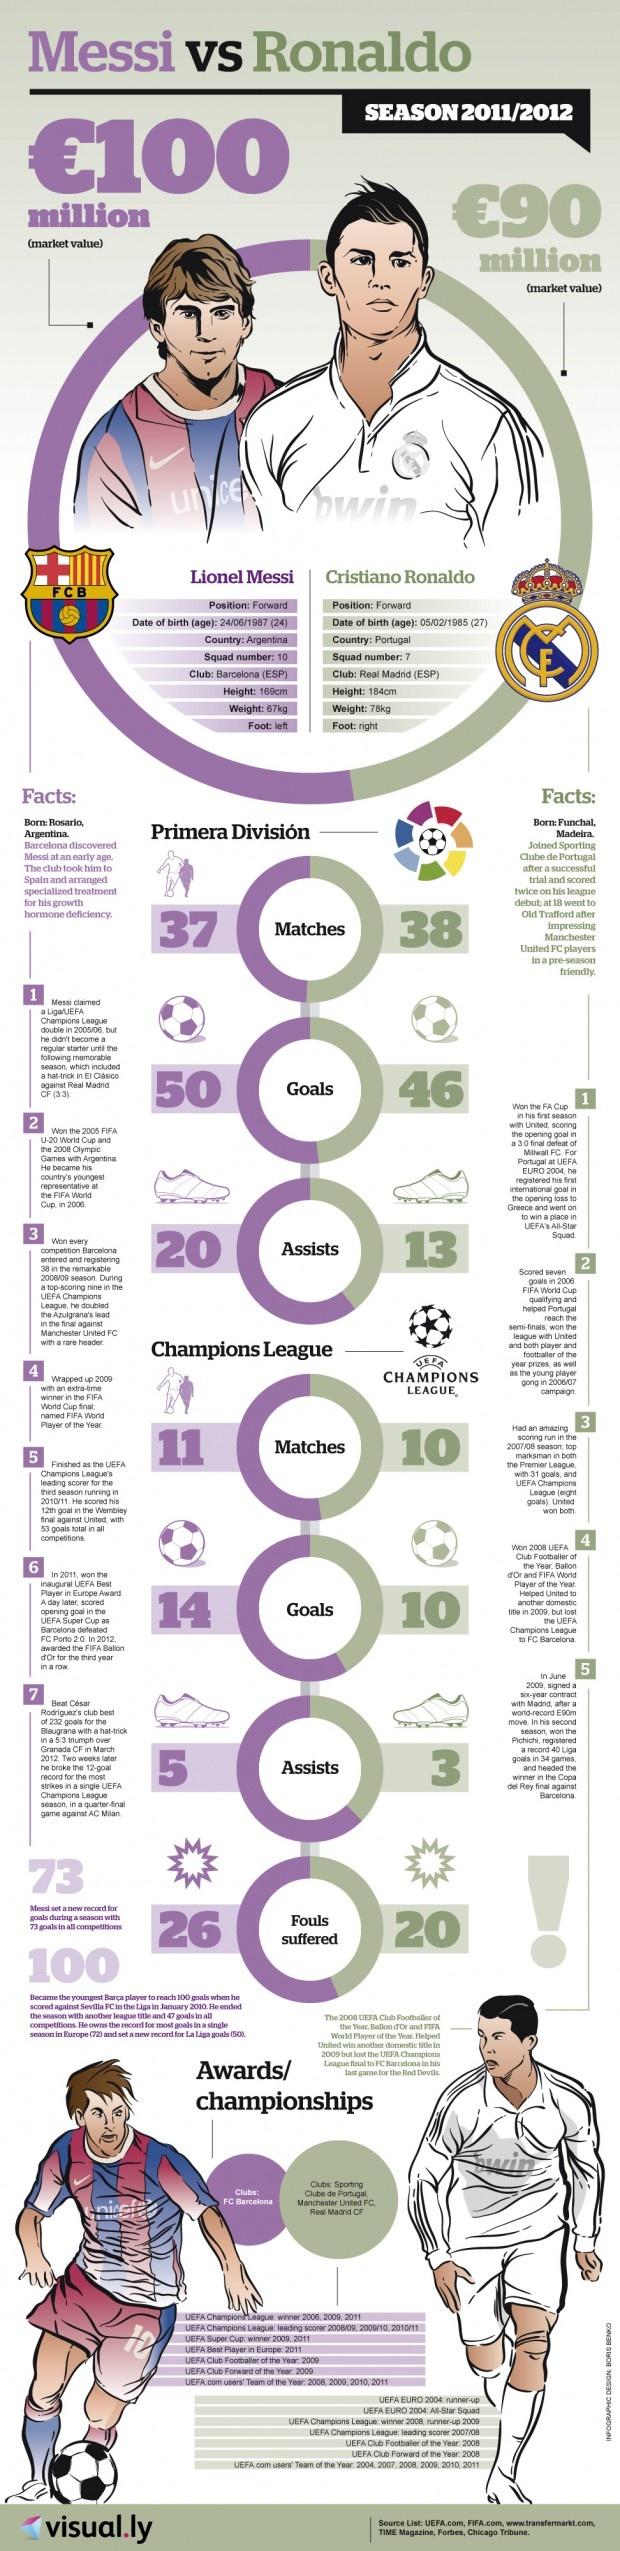 ¿Messi o Ronaldo? ¿Quién es mejor?